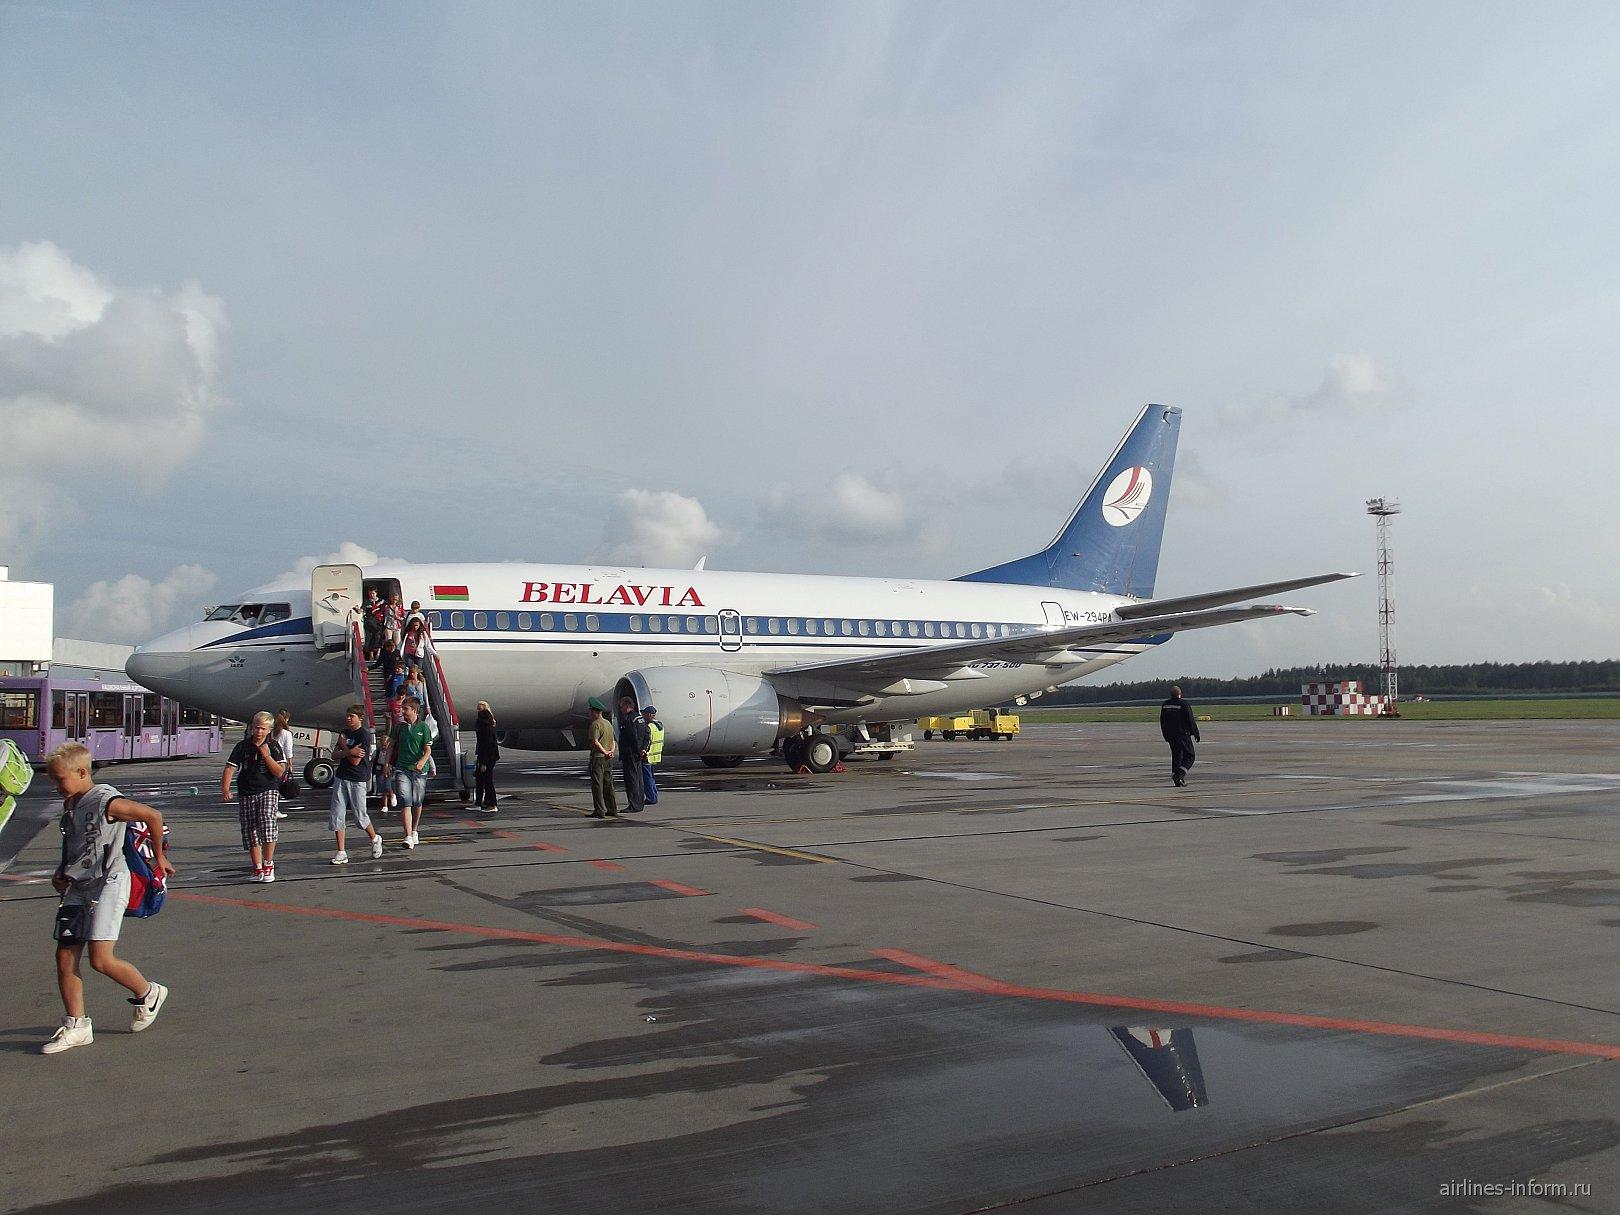 Боинг-737-500 Белавиа в аэропорту Милана